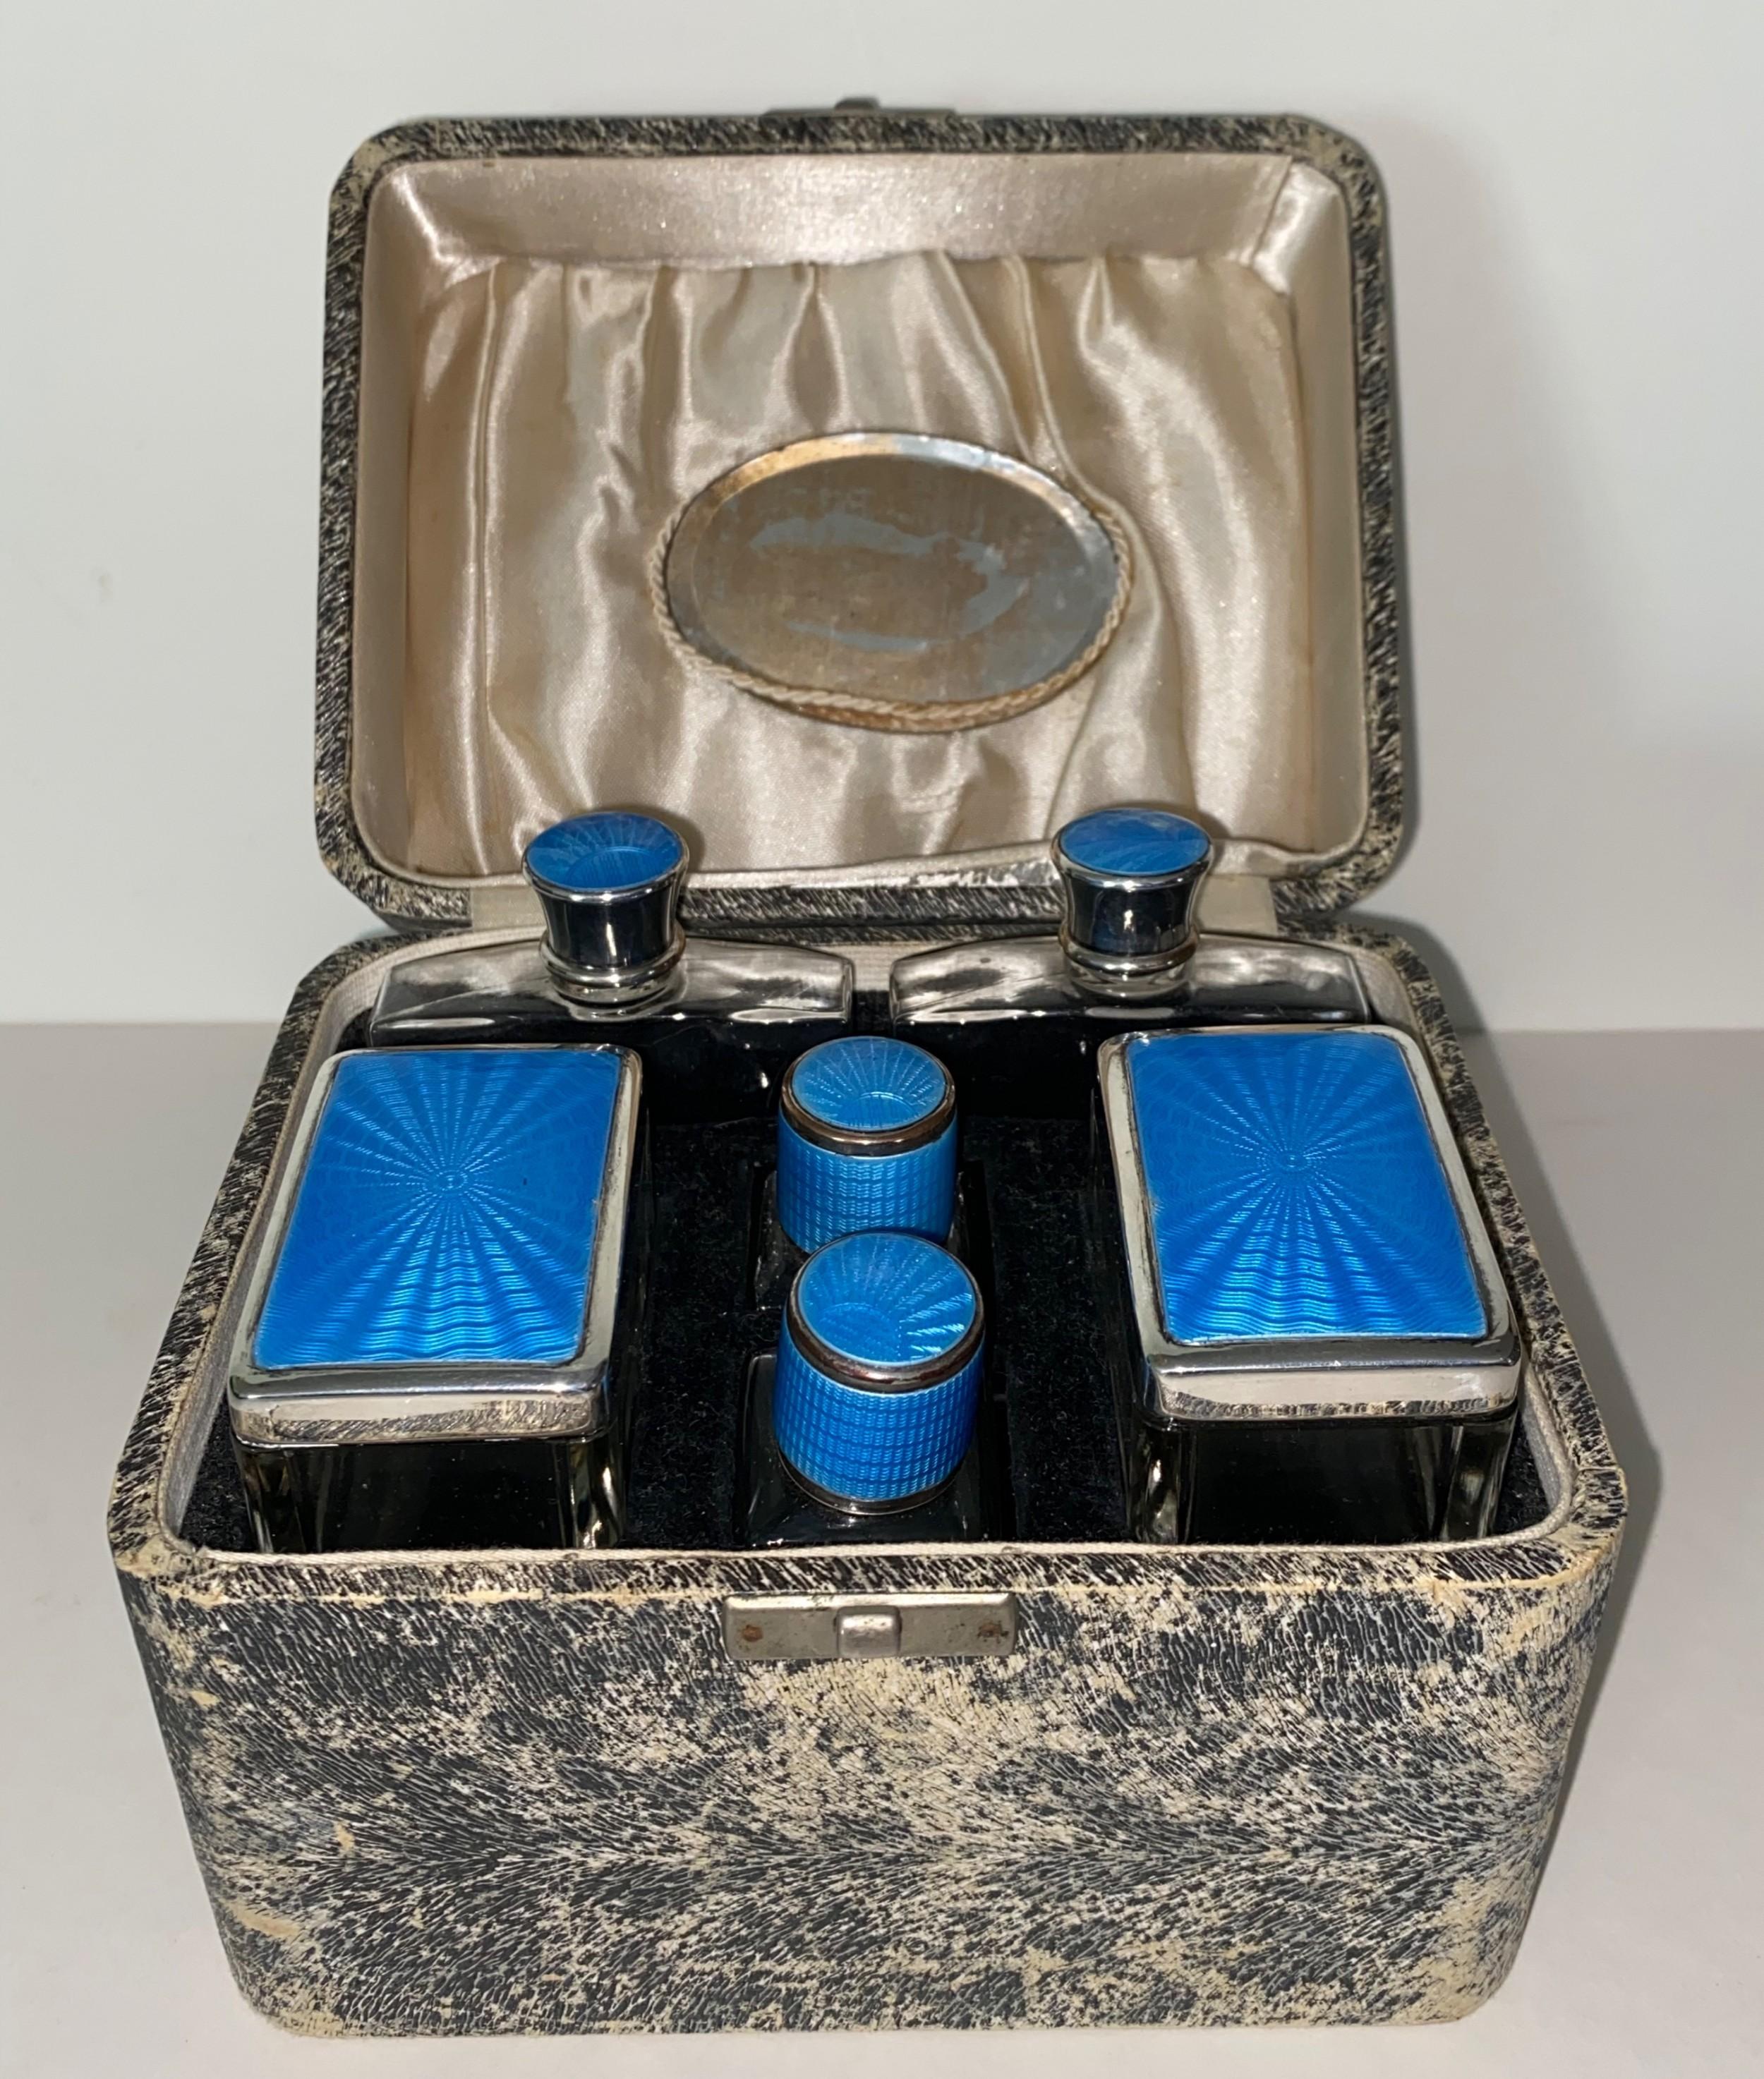 art deco vanity set with guilloche enamel lids